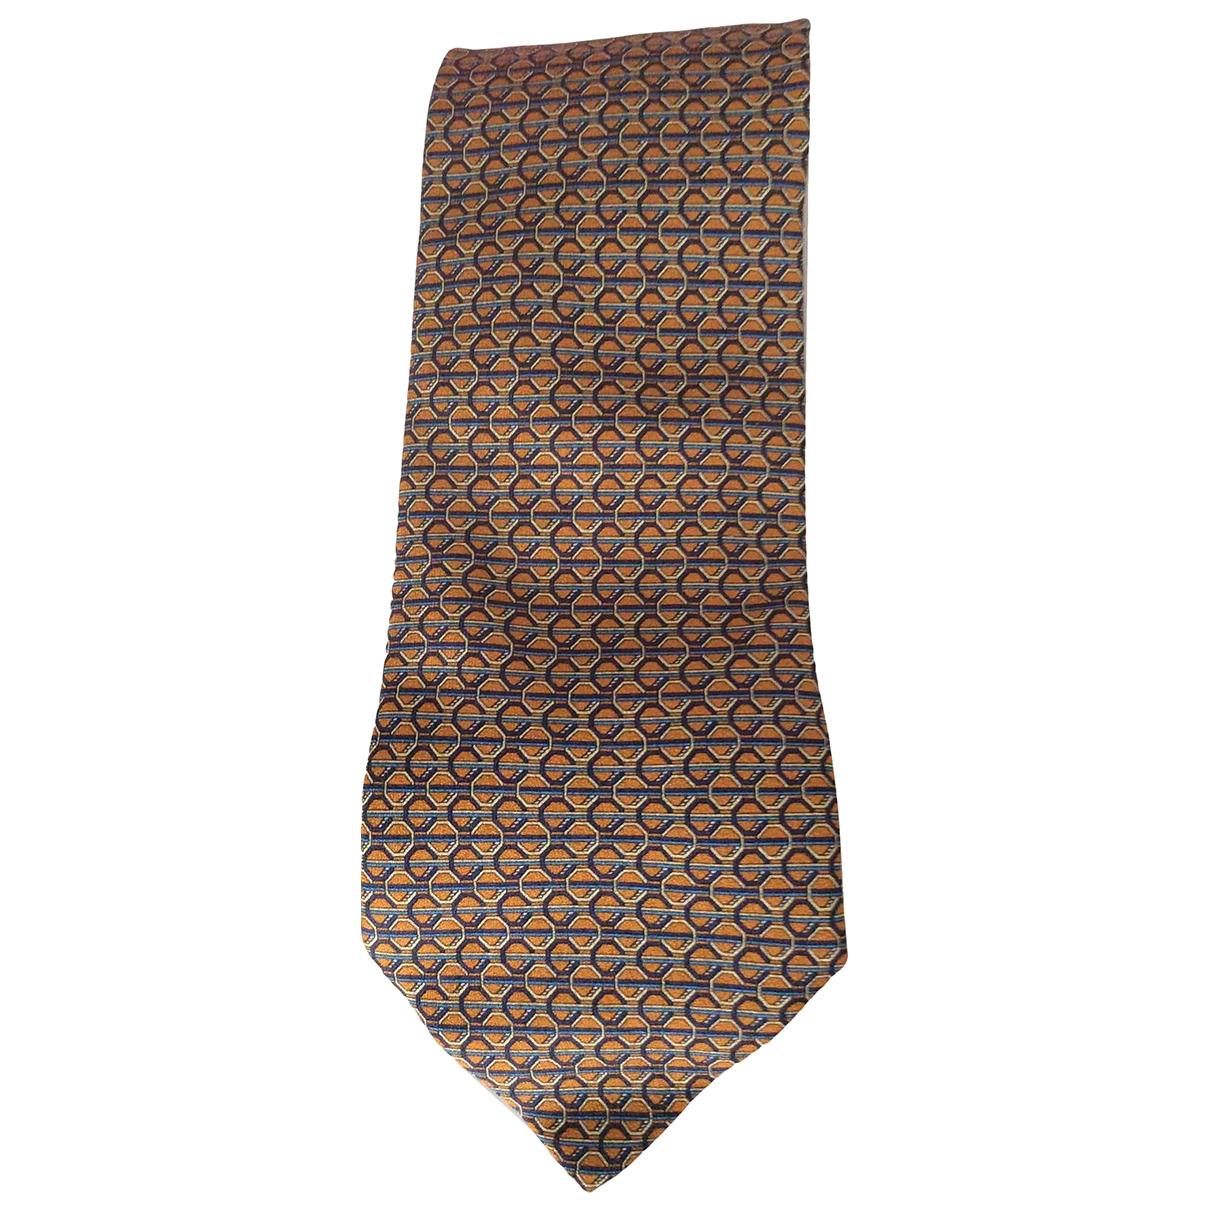 S.t. Dupont - Cravates   pour homme en soie - multicolore